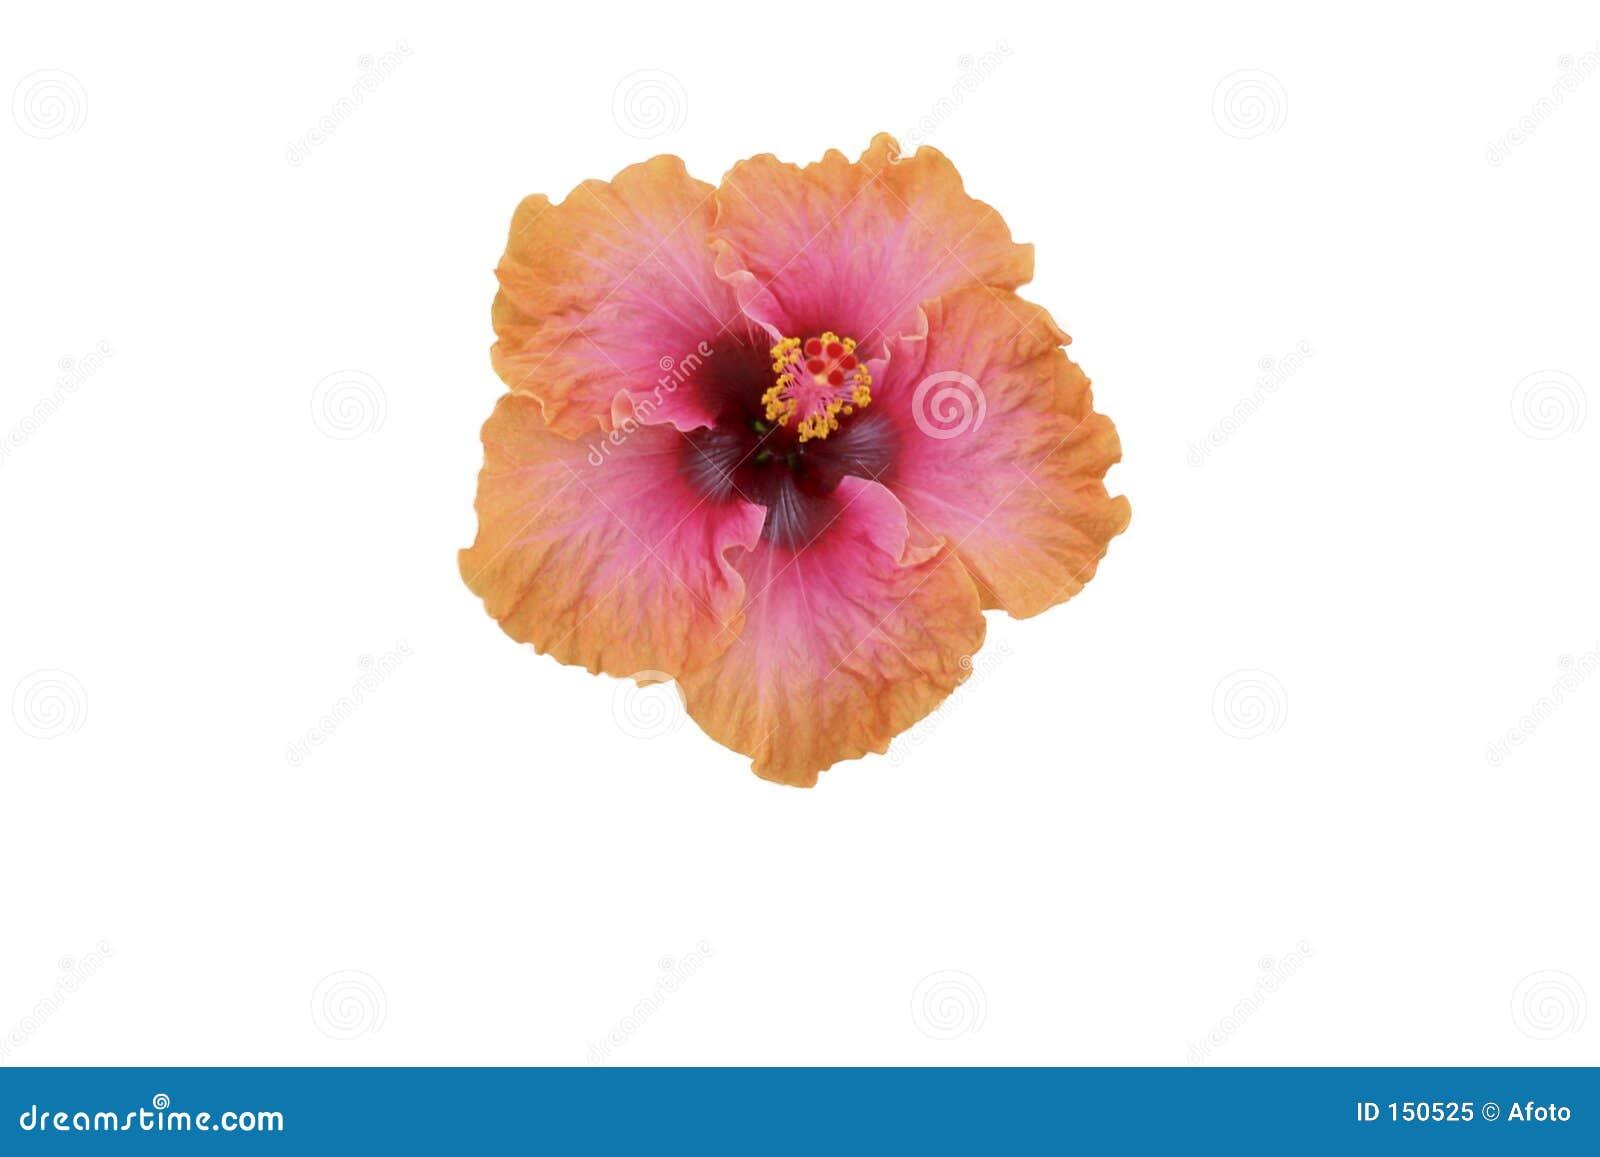 Pink/orange hibiscus isolated